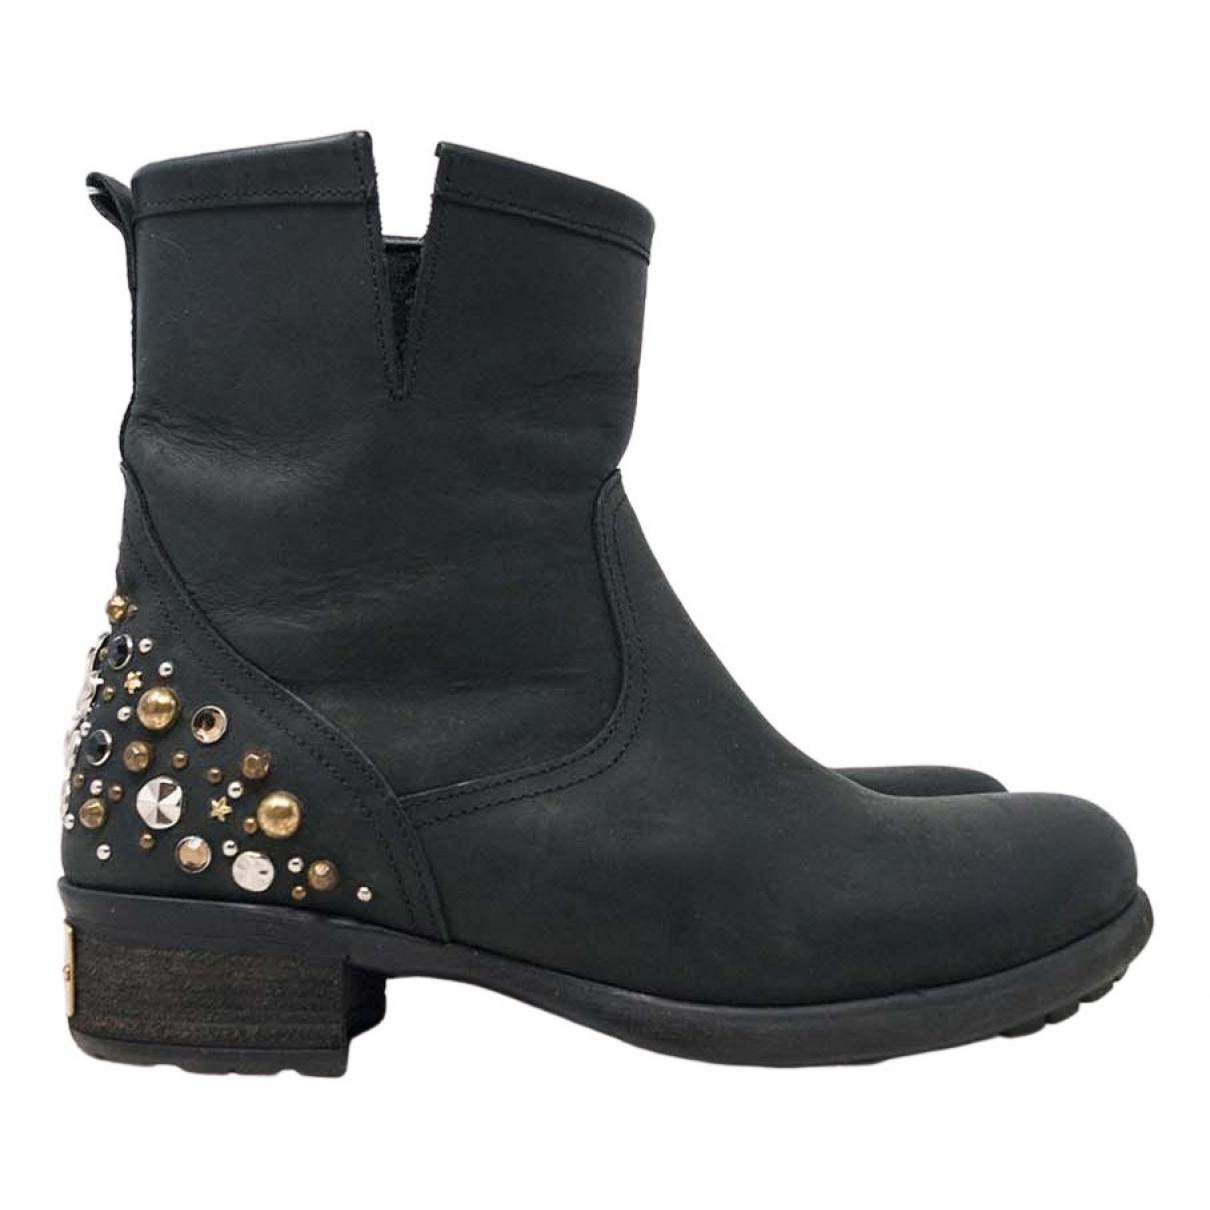 Chiara Ferragni N Black Leather Ankle boots for Women 37 IT